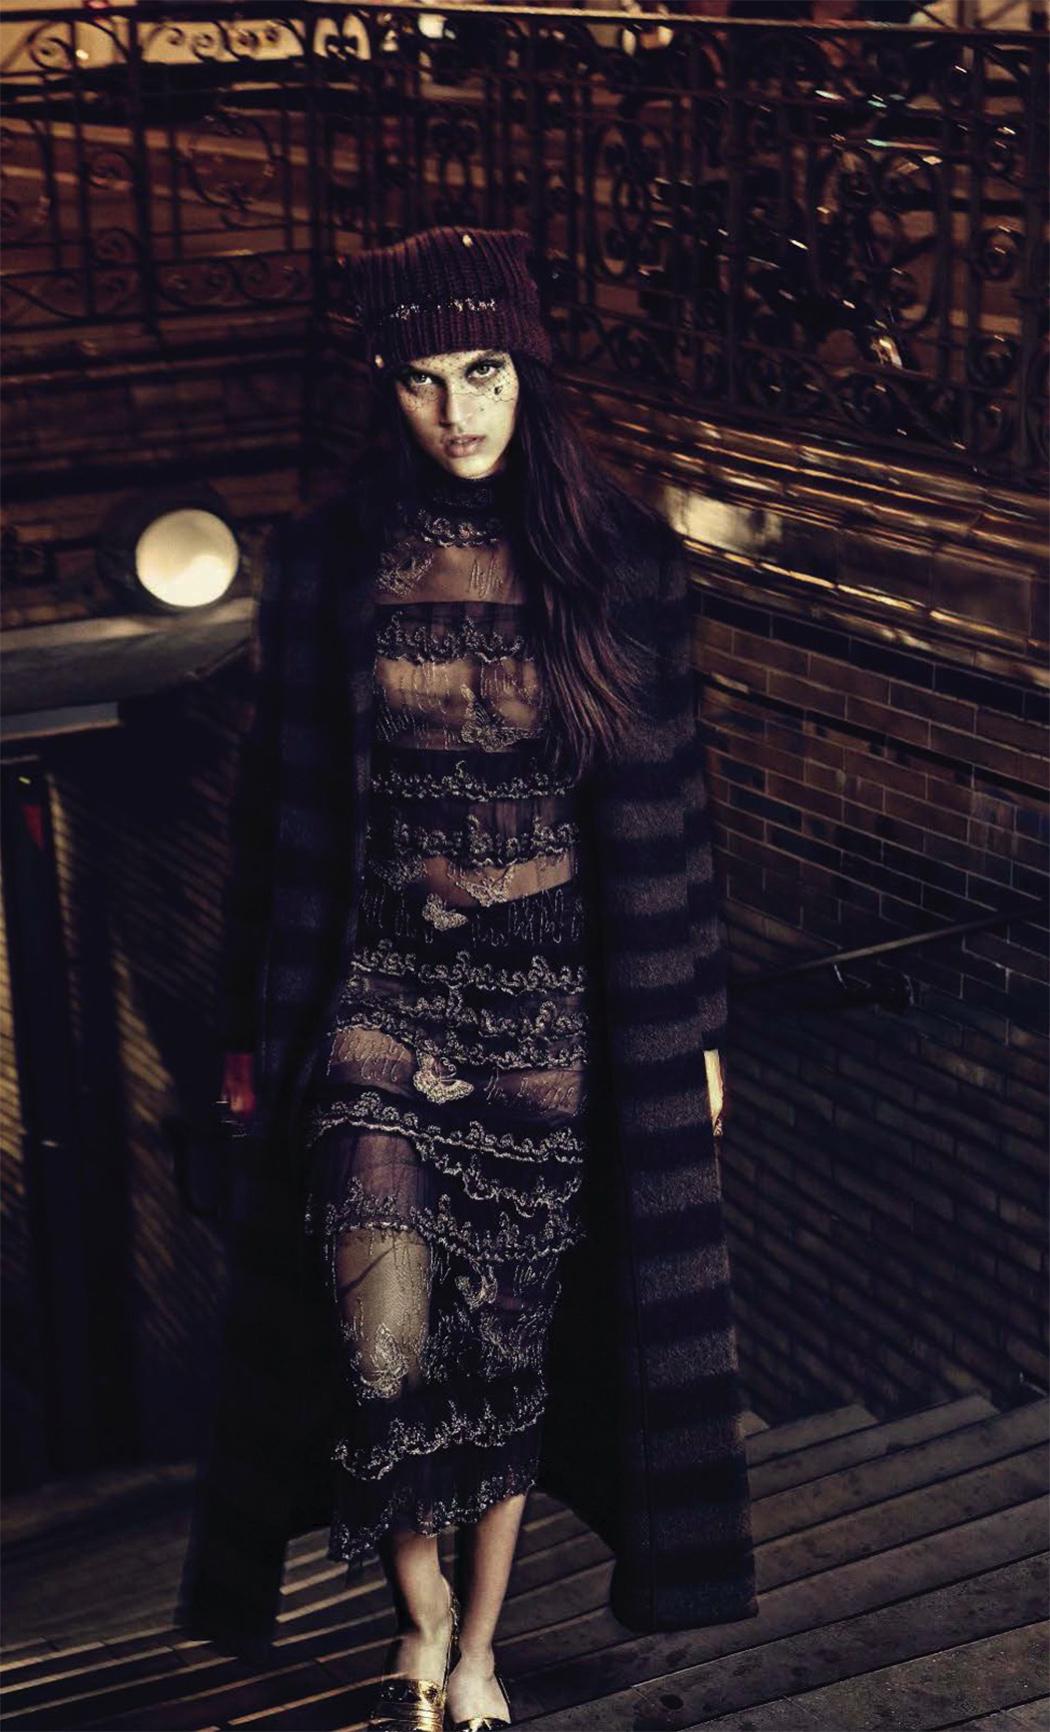 пальто, Herno; платье из тюля с вышивкой, Valentino; кружевное белье, Intimissimi; шапочка с вуалью, Radà; туфли, Bottega Veneta